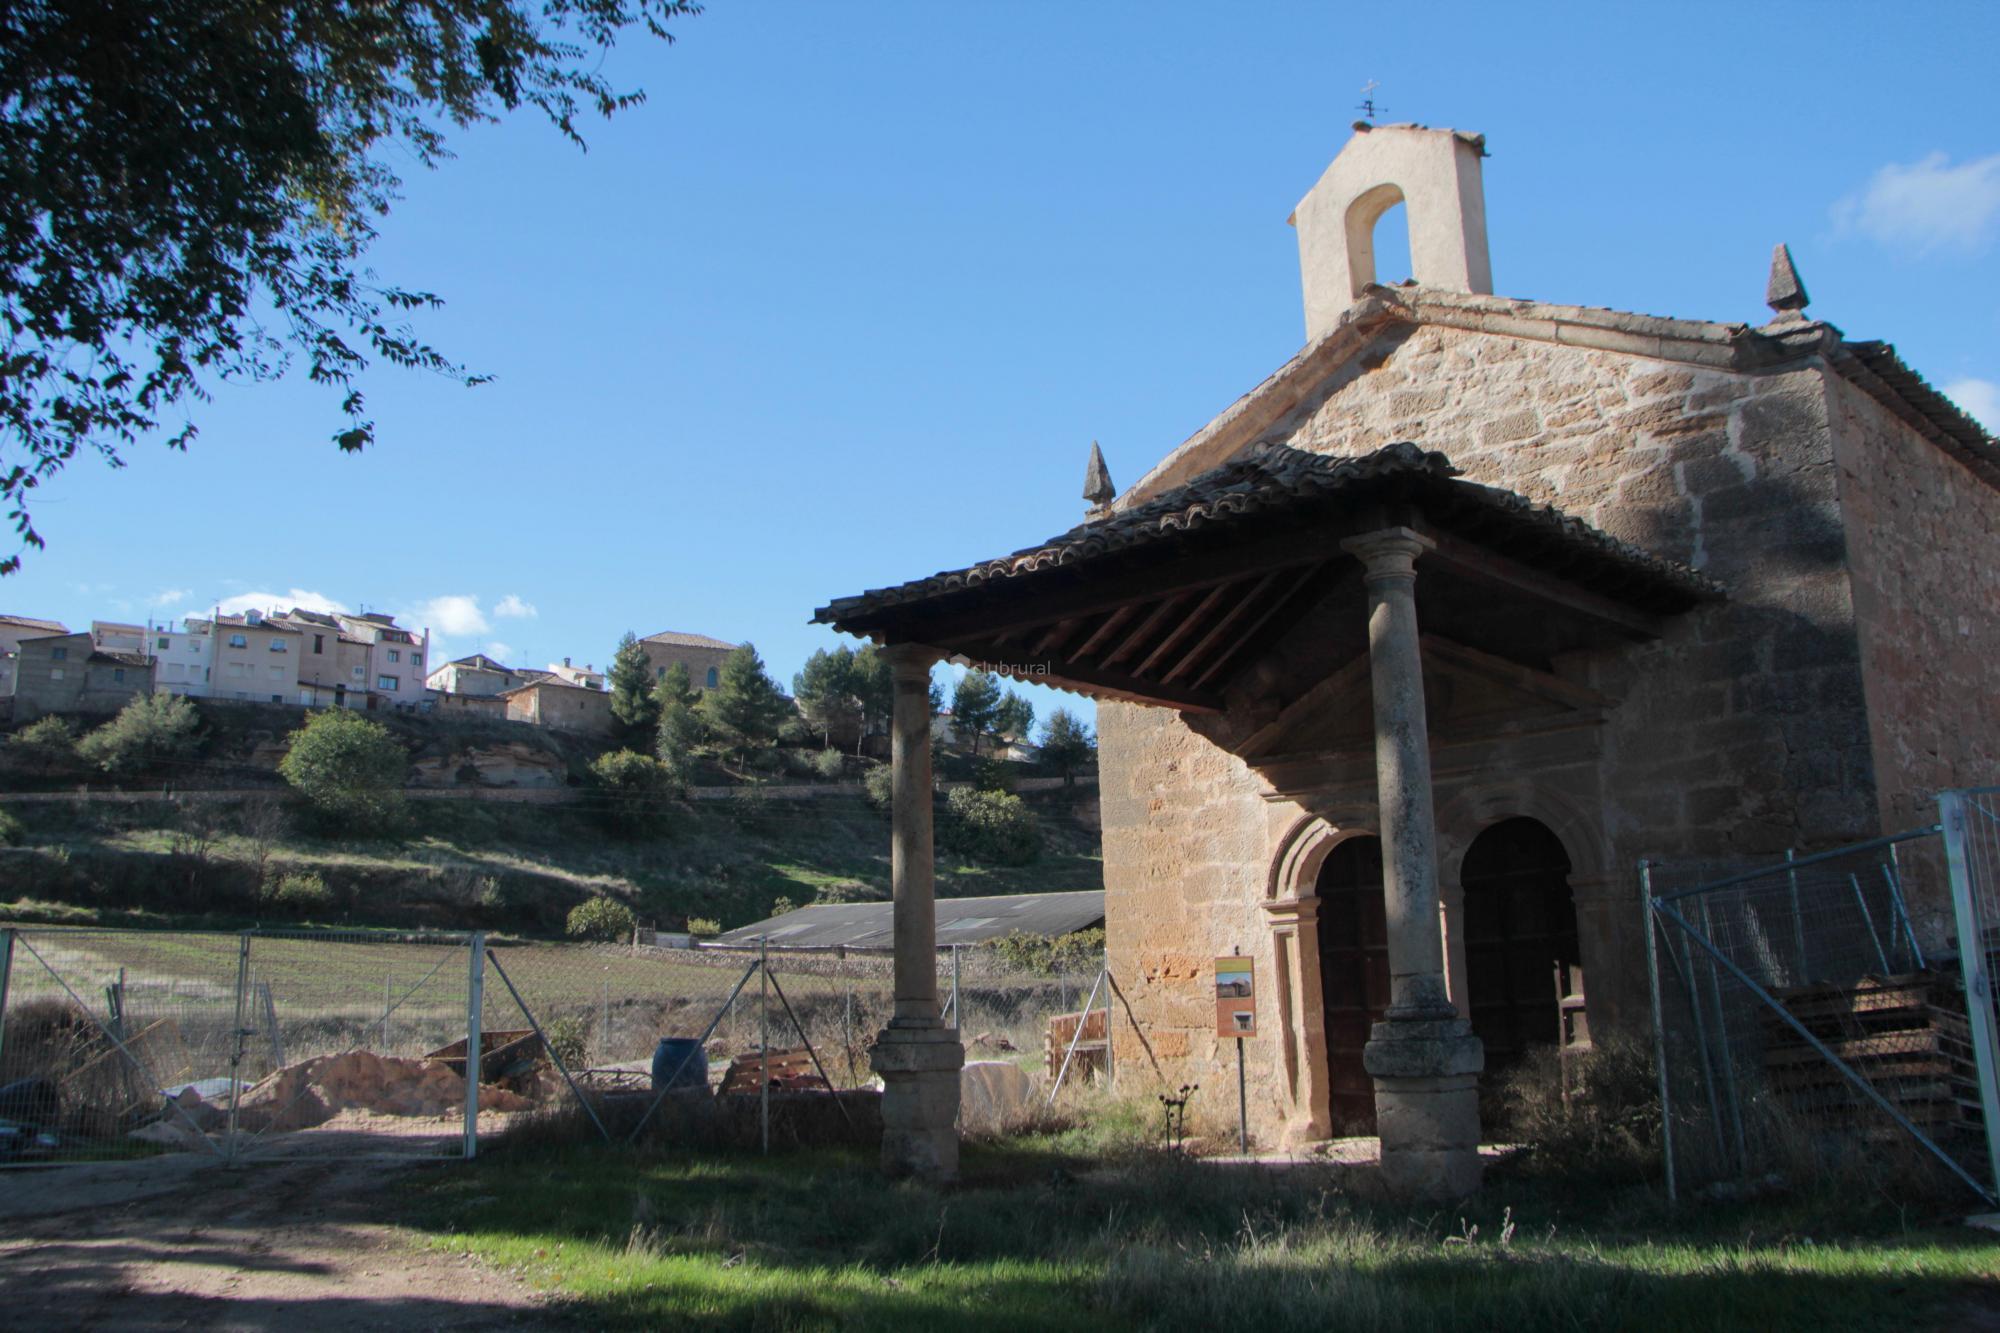 Fotos de villas de au on guadalajara au on clubrural - Casas rurales guadalajara baratas ...